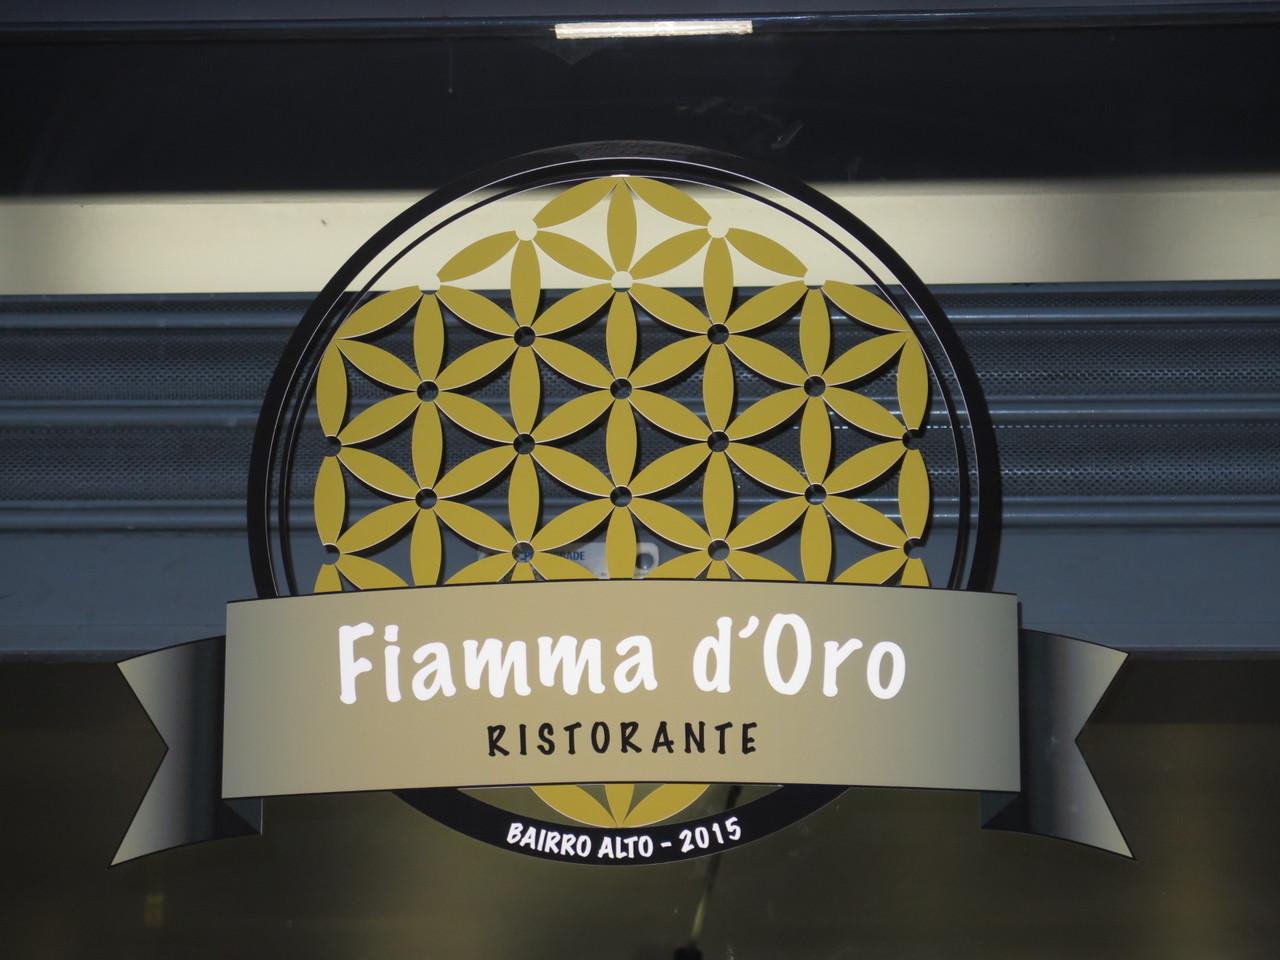 FIAMMA D'ORO, no Bairro Alto